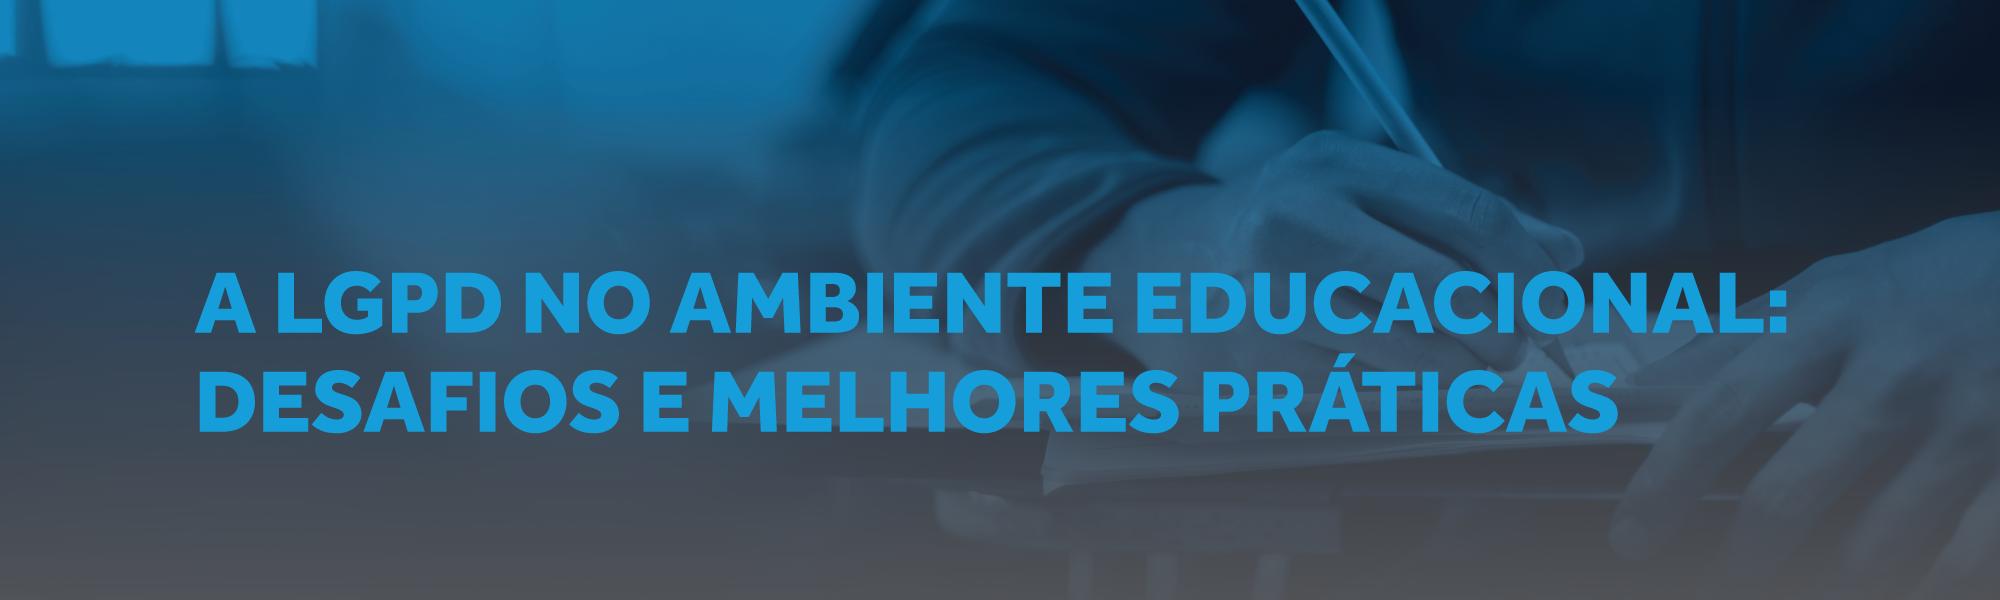 A LGPD NO AMBIENTE EDUCACIONAL: DESAFIOS E MELHORES PRÁTICAS